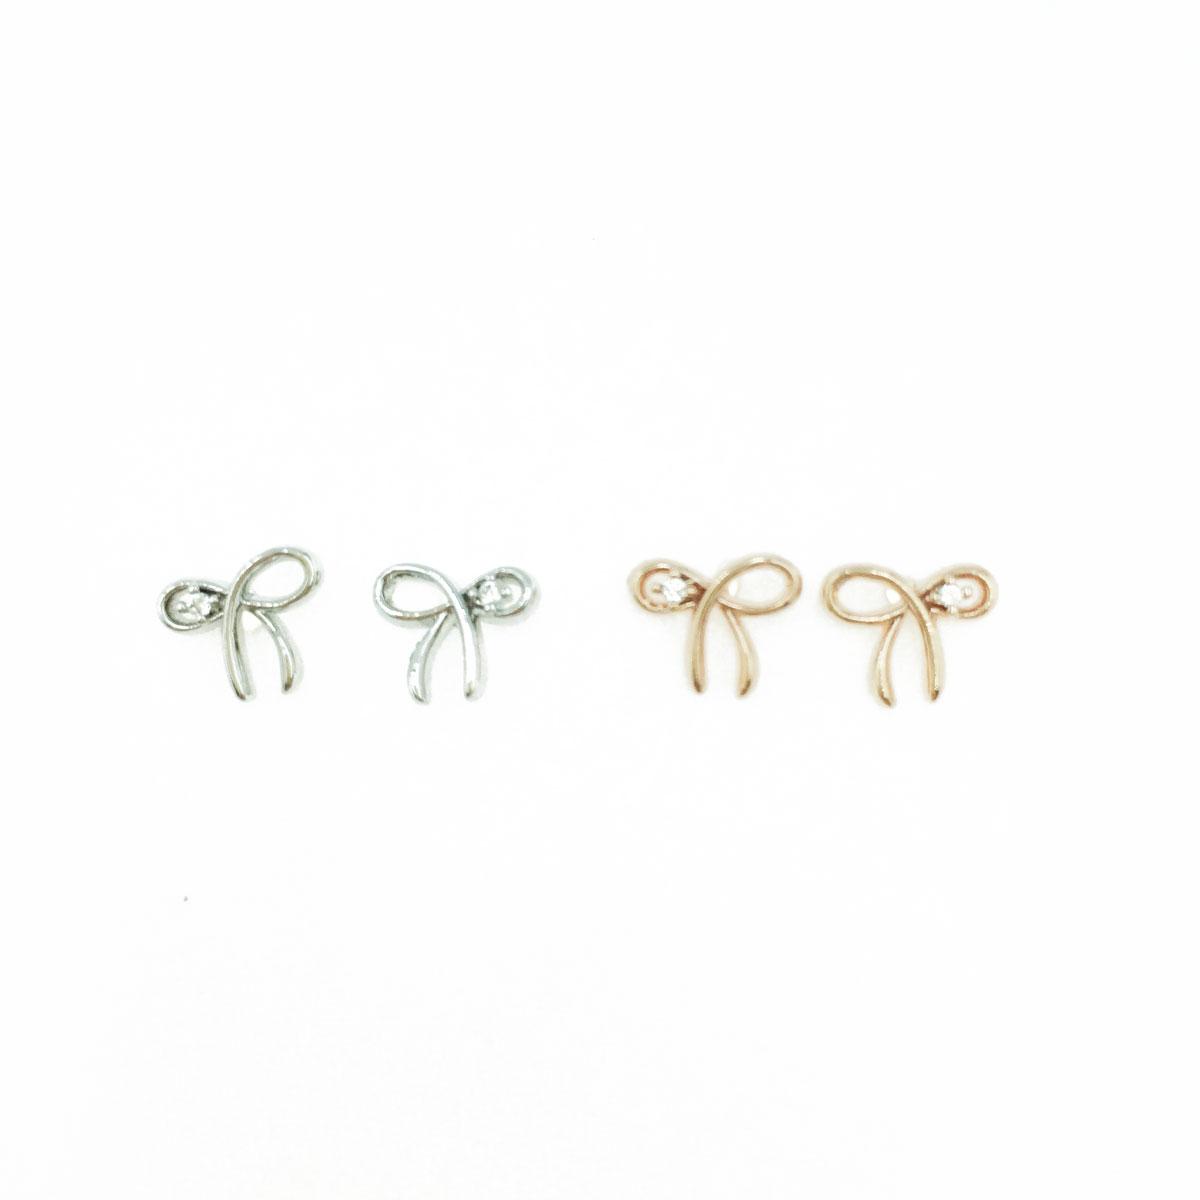 韓國 925純銀 水鑽 可愛 蝴蝶結 銀色 玫瑰金 明星款飾品 耳針式耳環